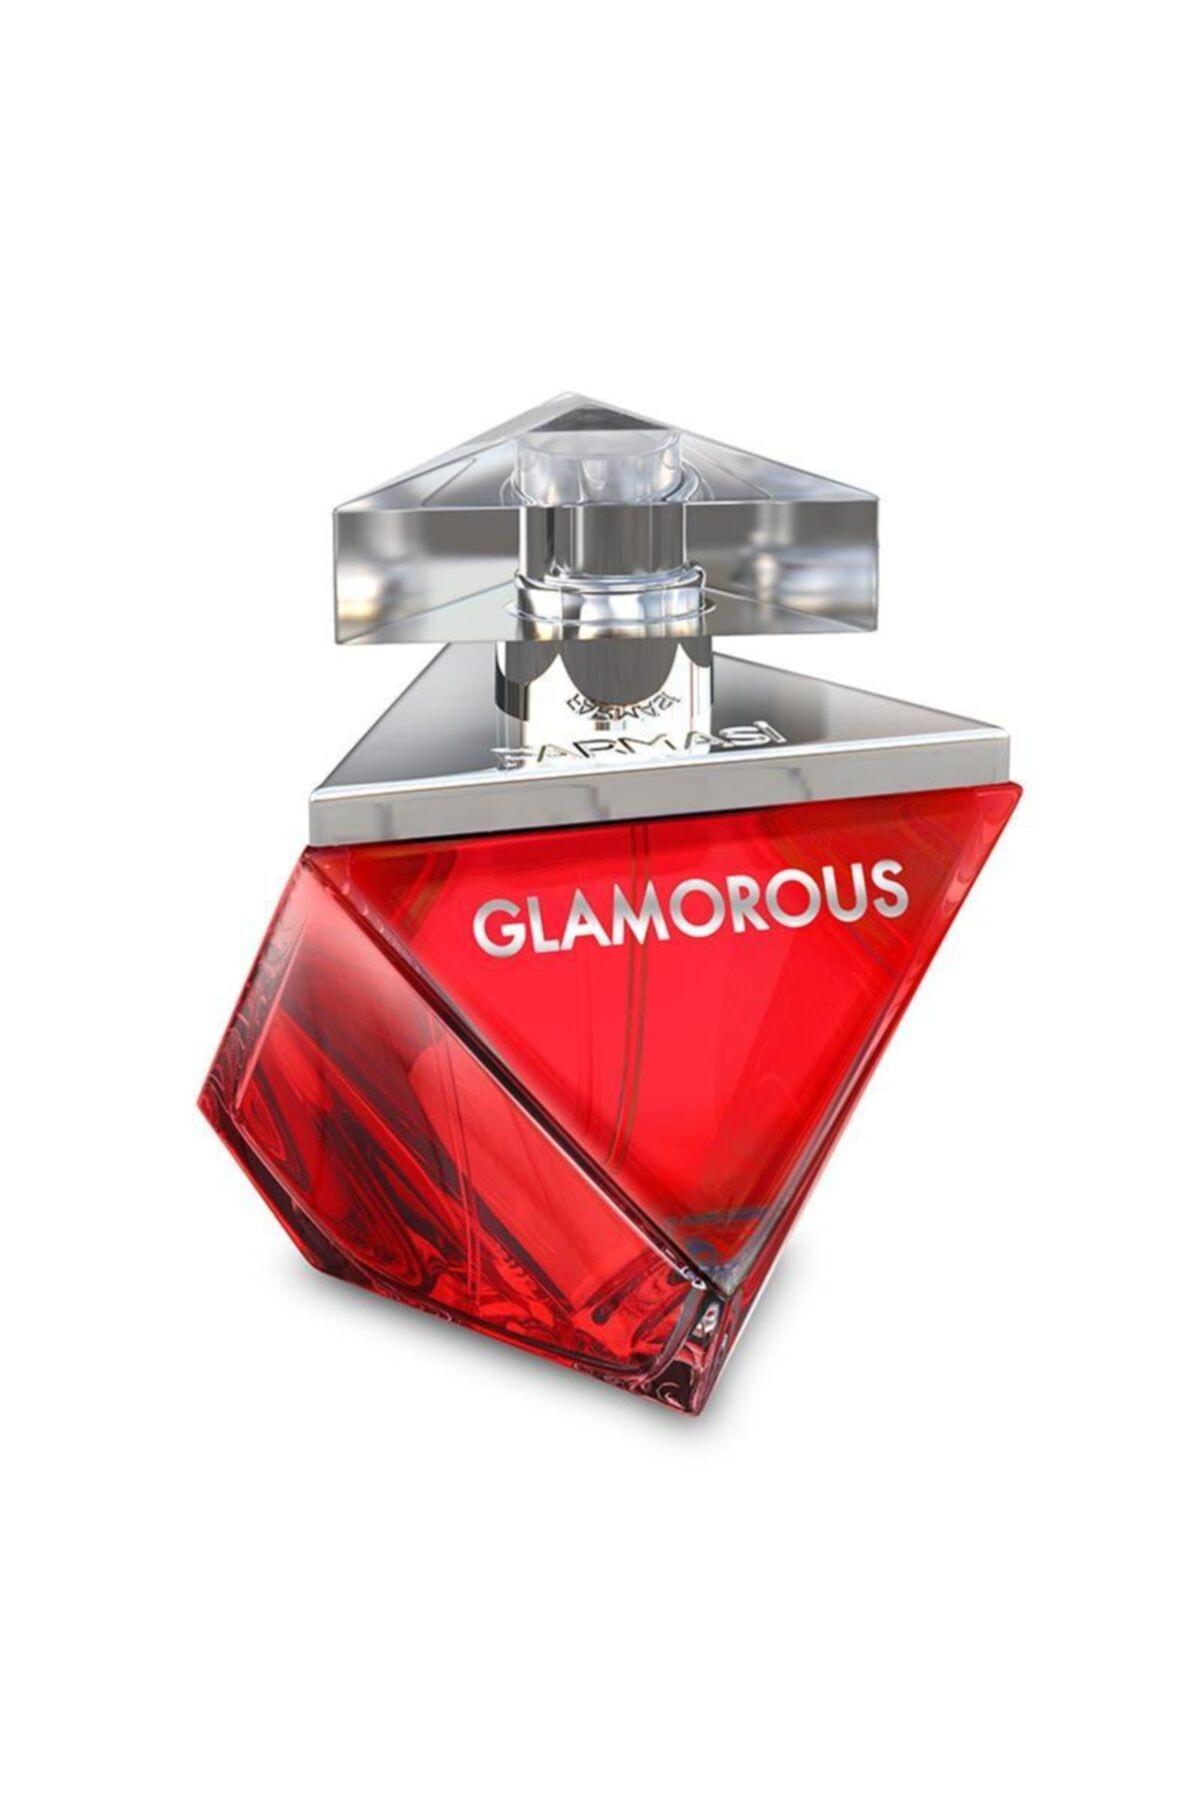 Farmasi Glamorous Edp 50 ml Kadın Parfümü glamorous452 1